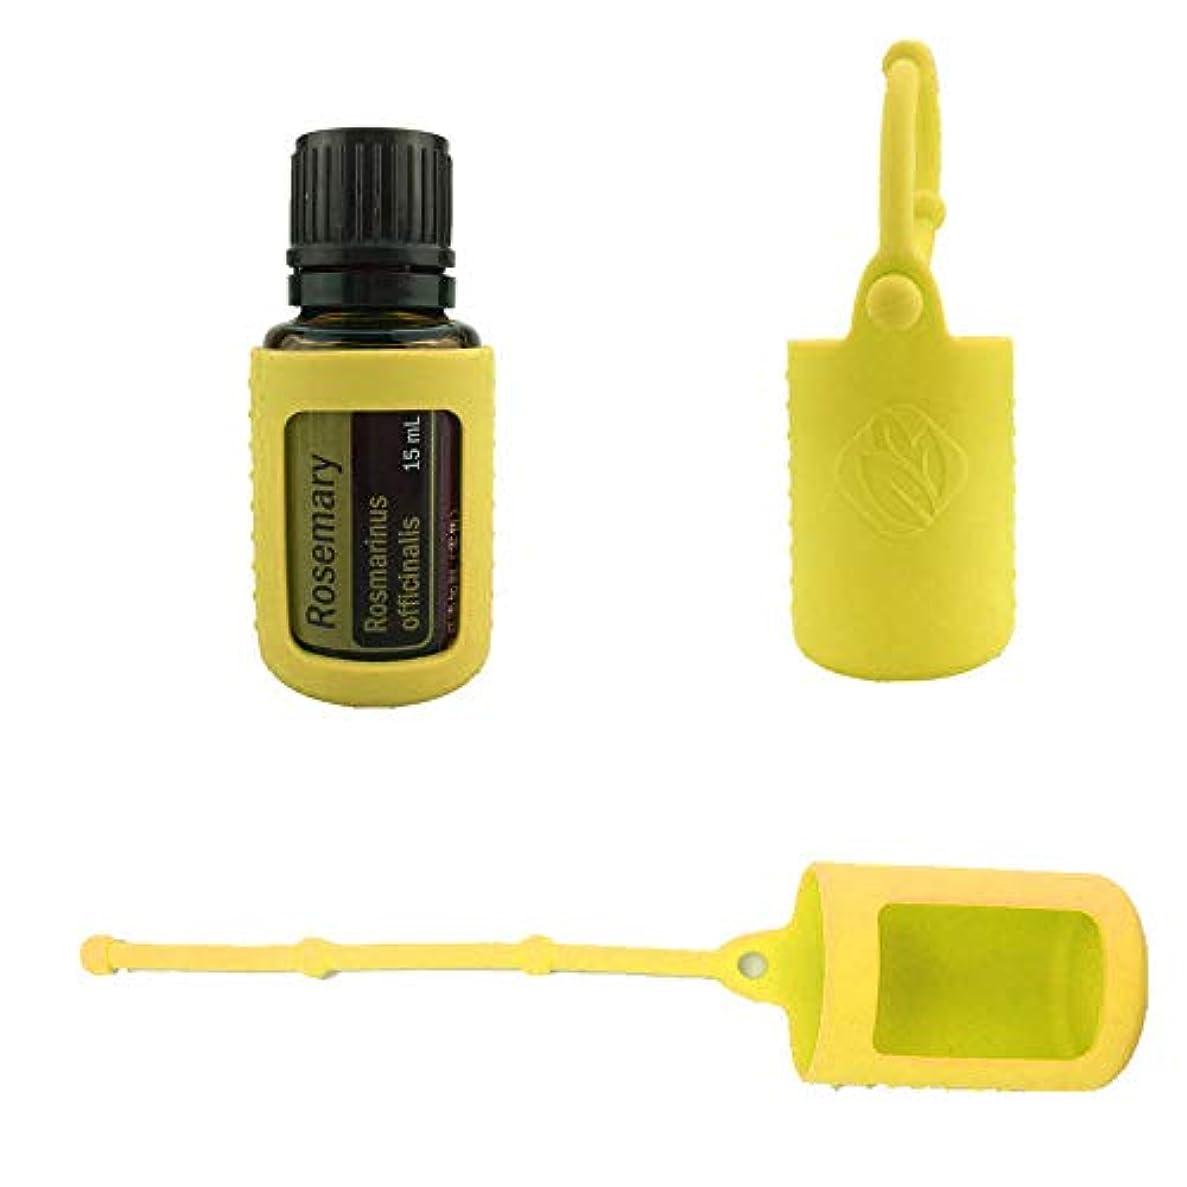 常識便宜親密な6パック熱望オイルボトルシリコンローラーボトルホルダースリーブエッセンシャルオイルボトル保護カバーケースハングロープ - イエロー - 6-pcs 10ml